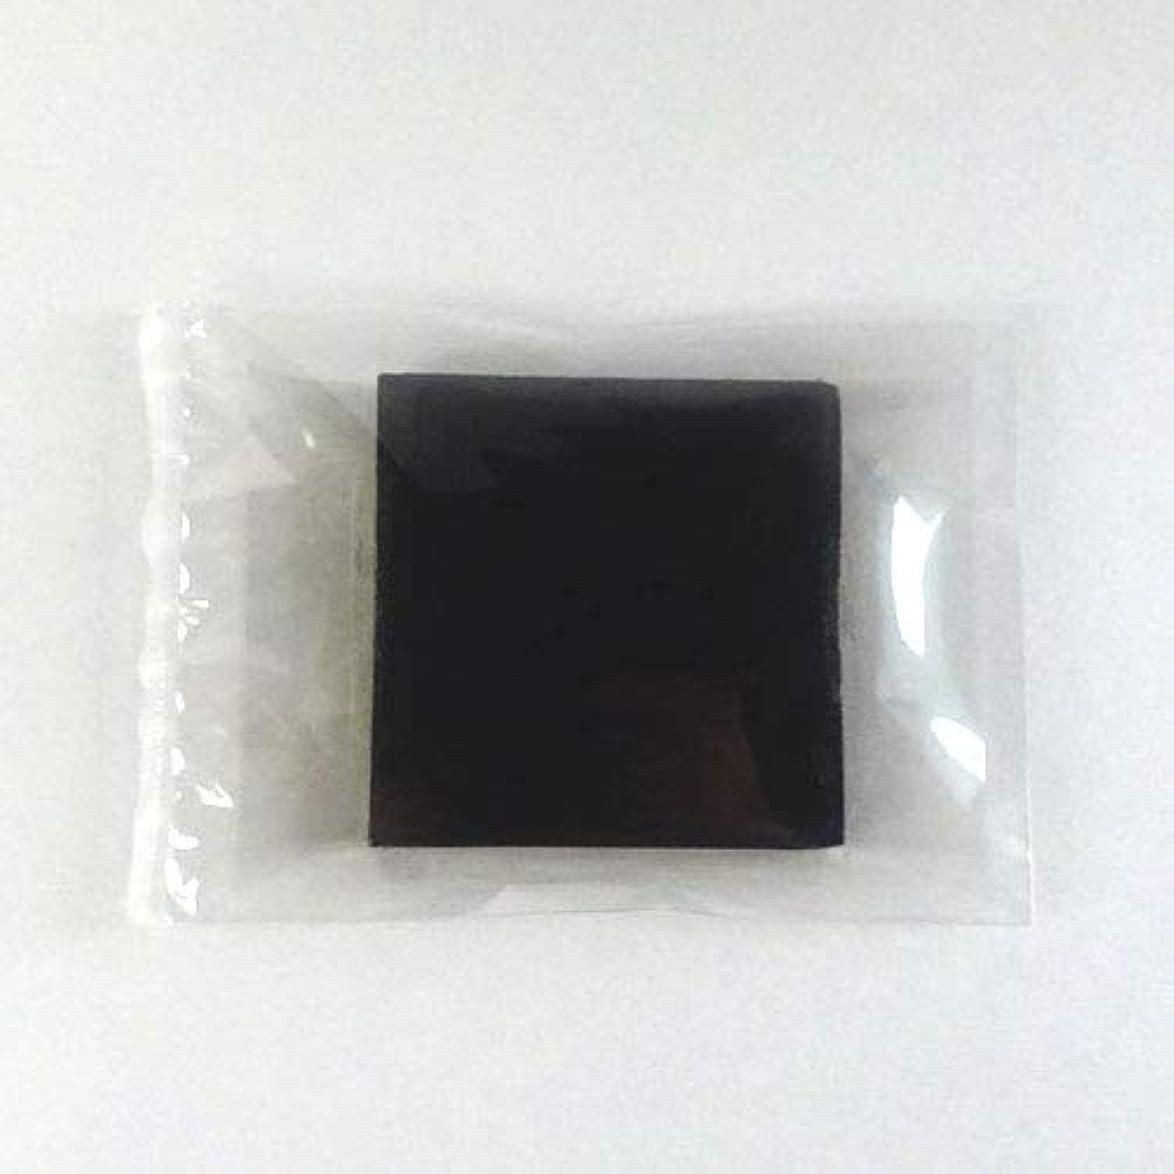 ハイブリッド製作ピンクグリセリンソープ MPソープ 色チッププ 黒(ブラック) 60g (30g x 2pc)